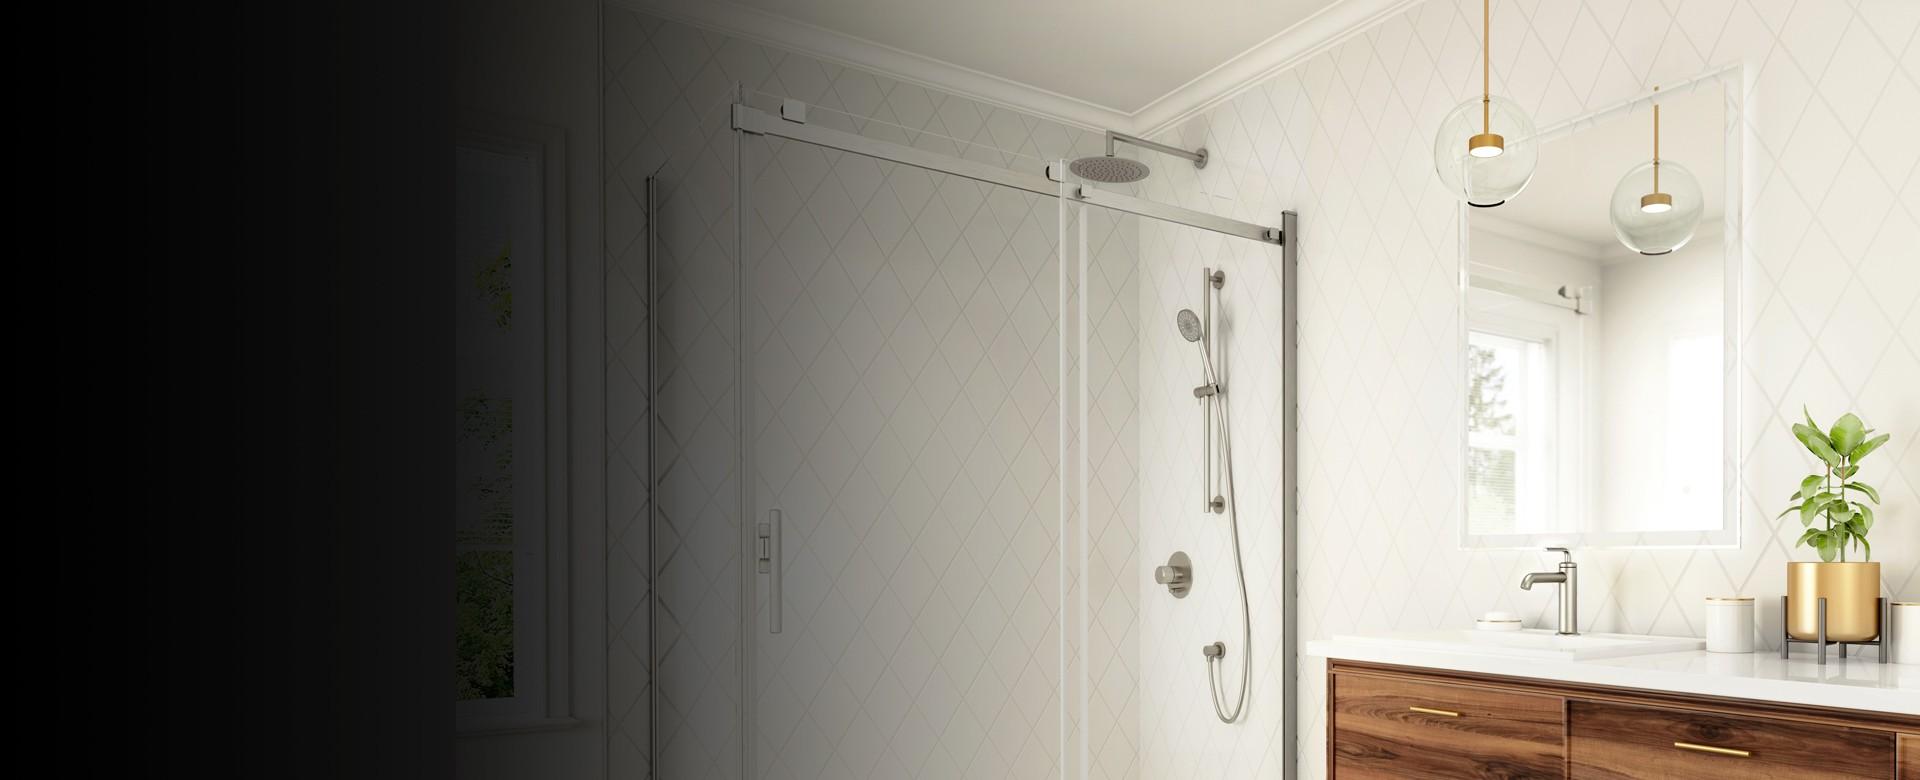 portes-de-douche